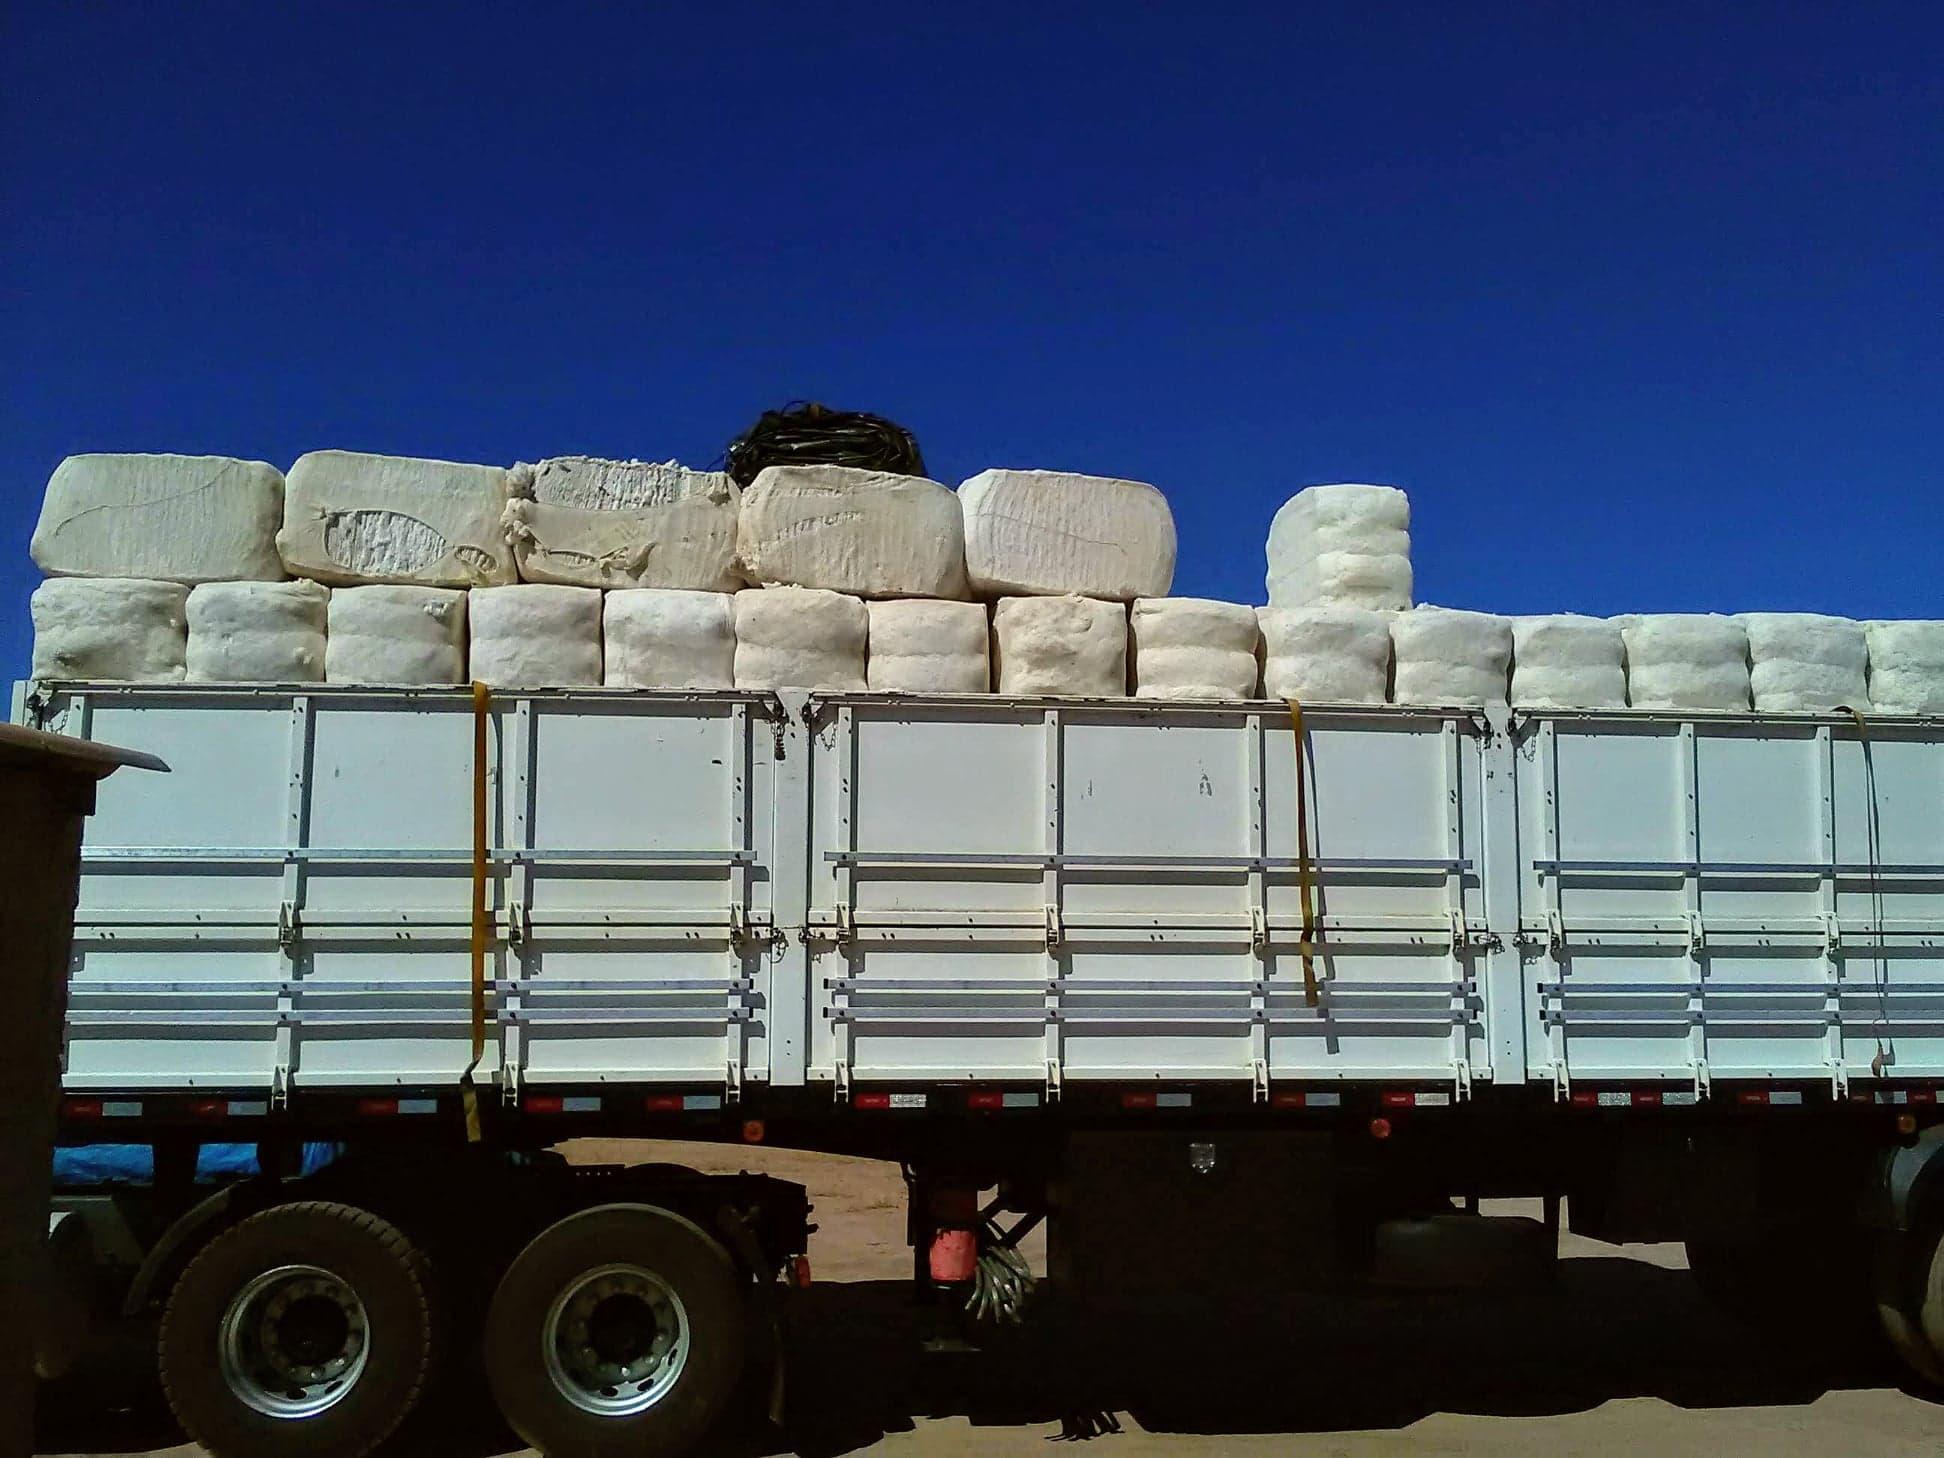 37-ton-katoenladen-voor-Santos-wagen-wordt-door-speciale-afdekkers--dicht-gemaakt-2